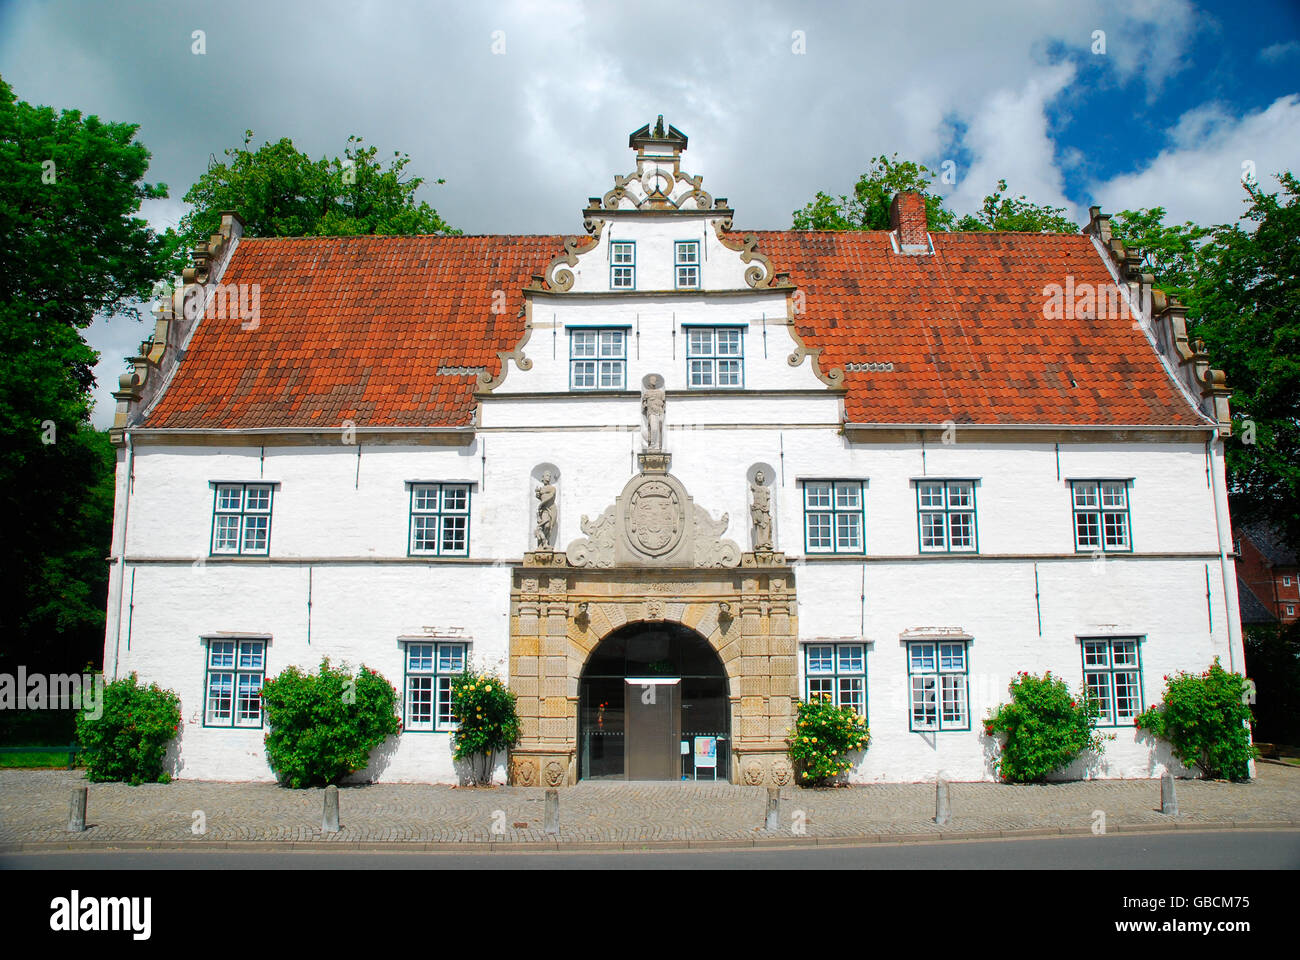 Herrenhaus, Schlosspark, Husum, 16. Jh., Nordfriesland, Schleswig-Holstein, Germania Foto Stock